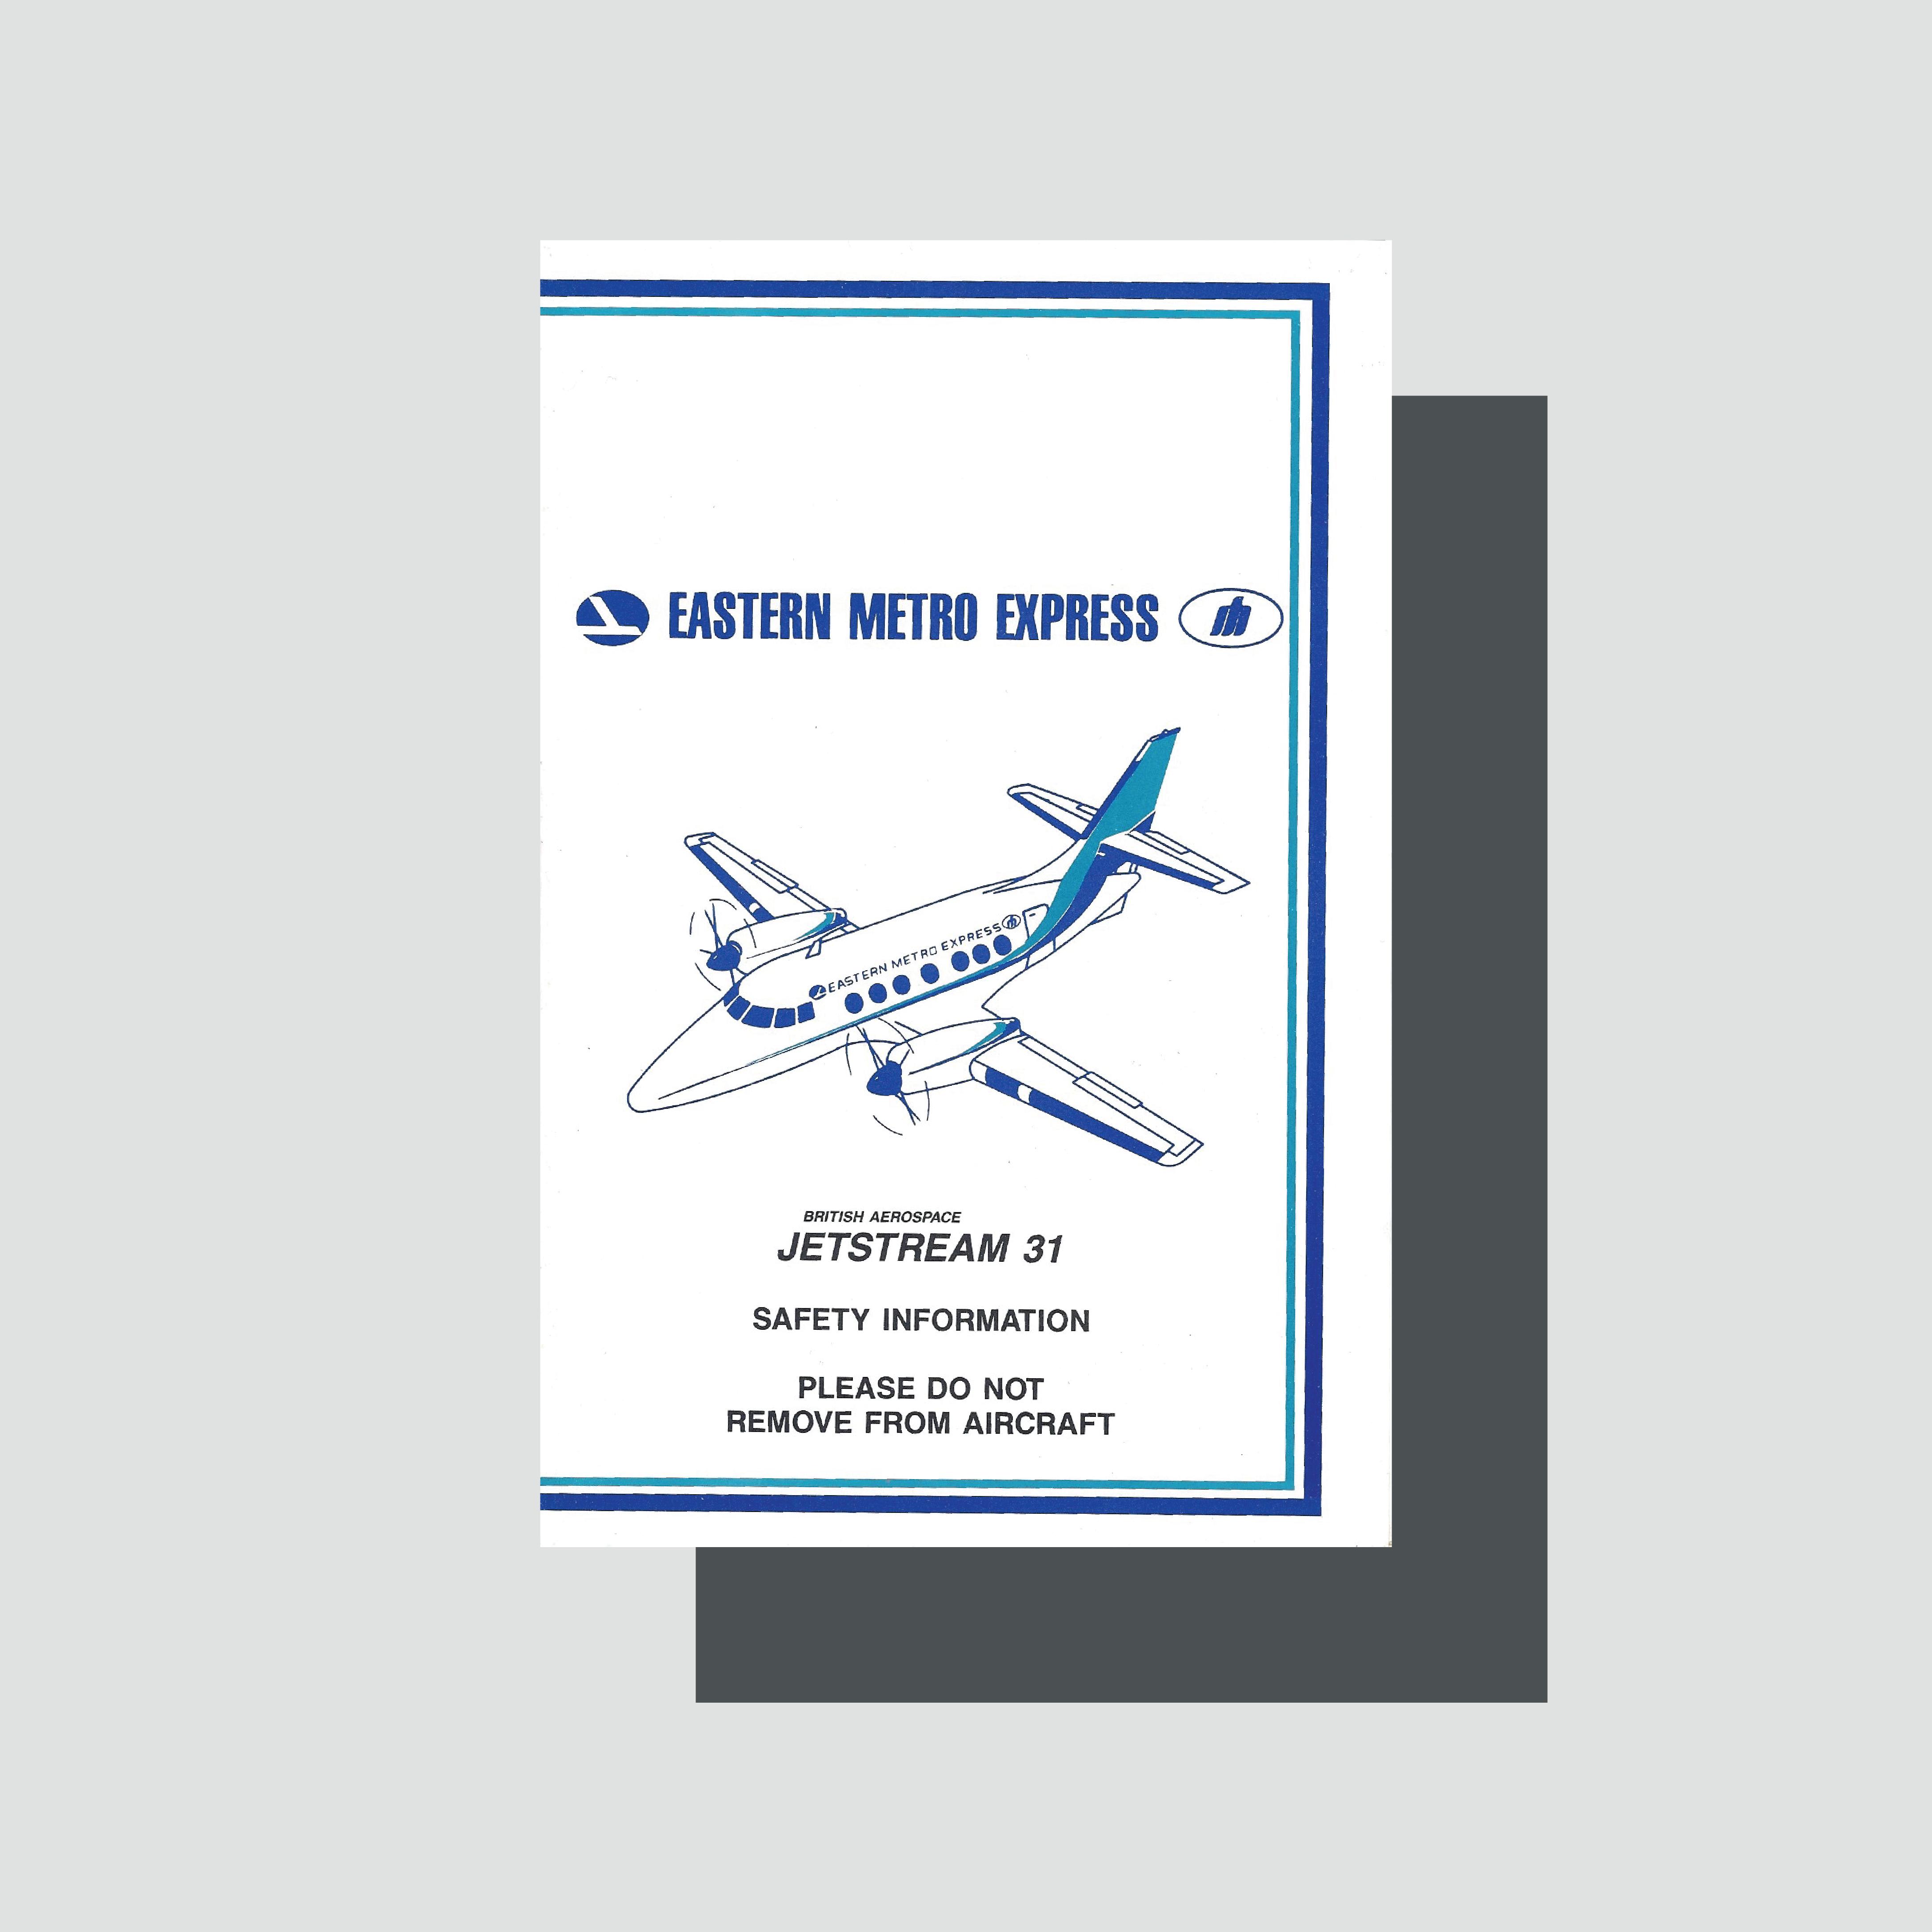 Eastern Airlines Jetstream 31